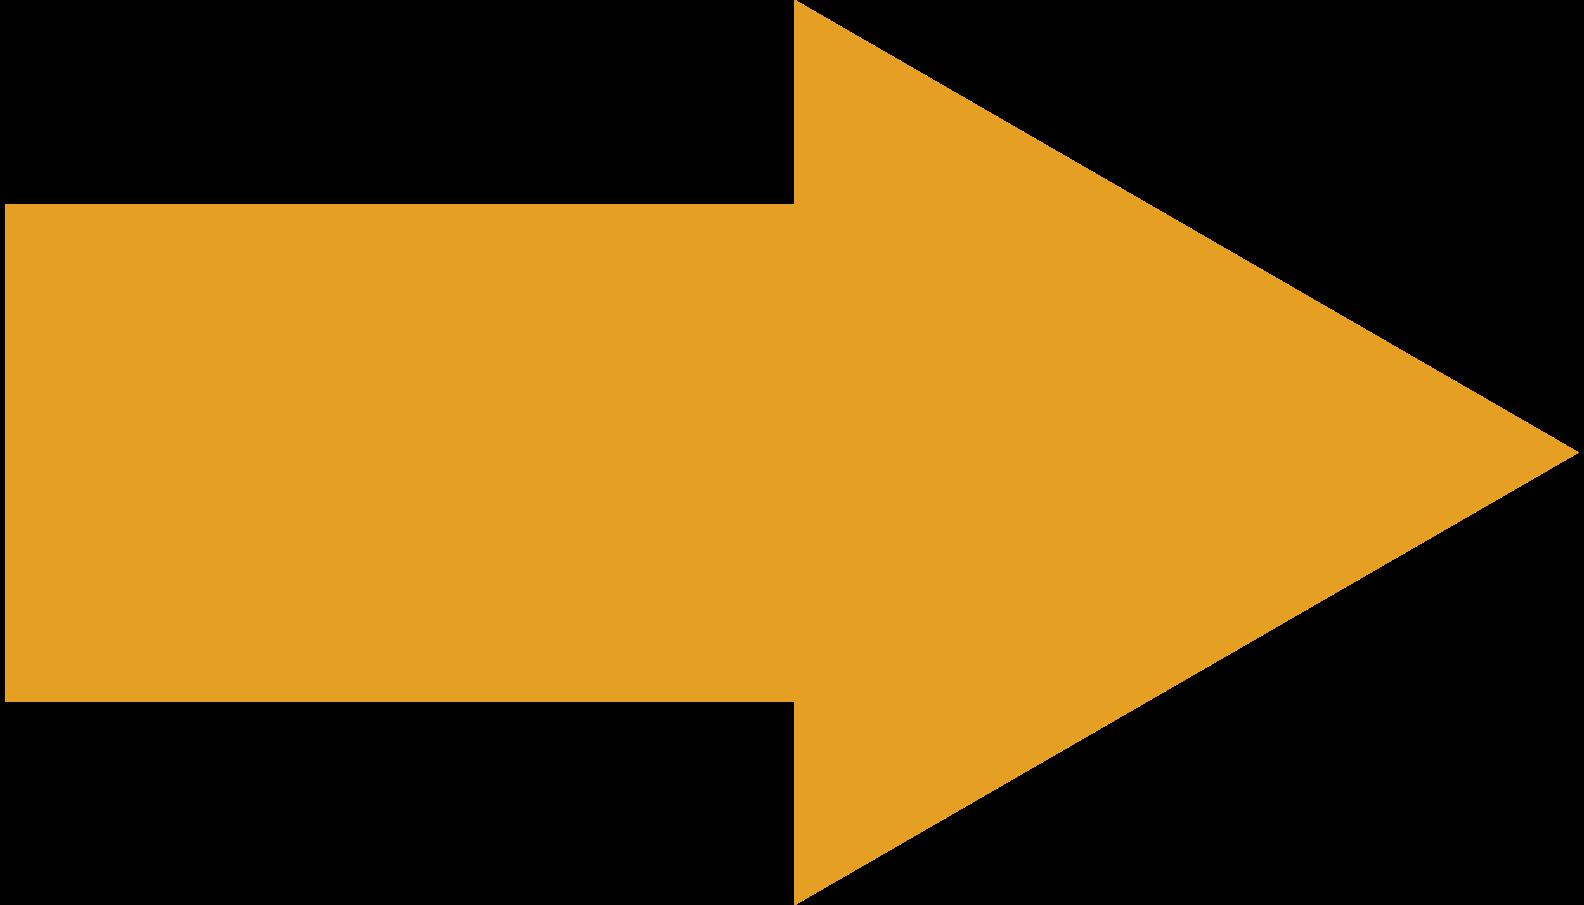 arrow orange Clipart illustration in PNG, SVG